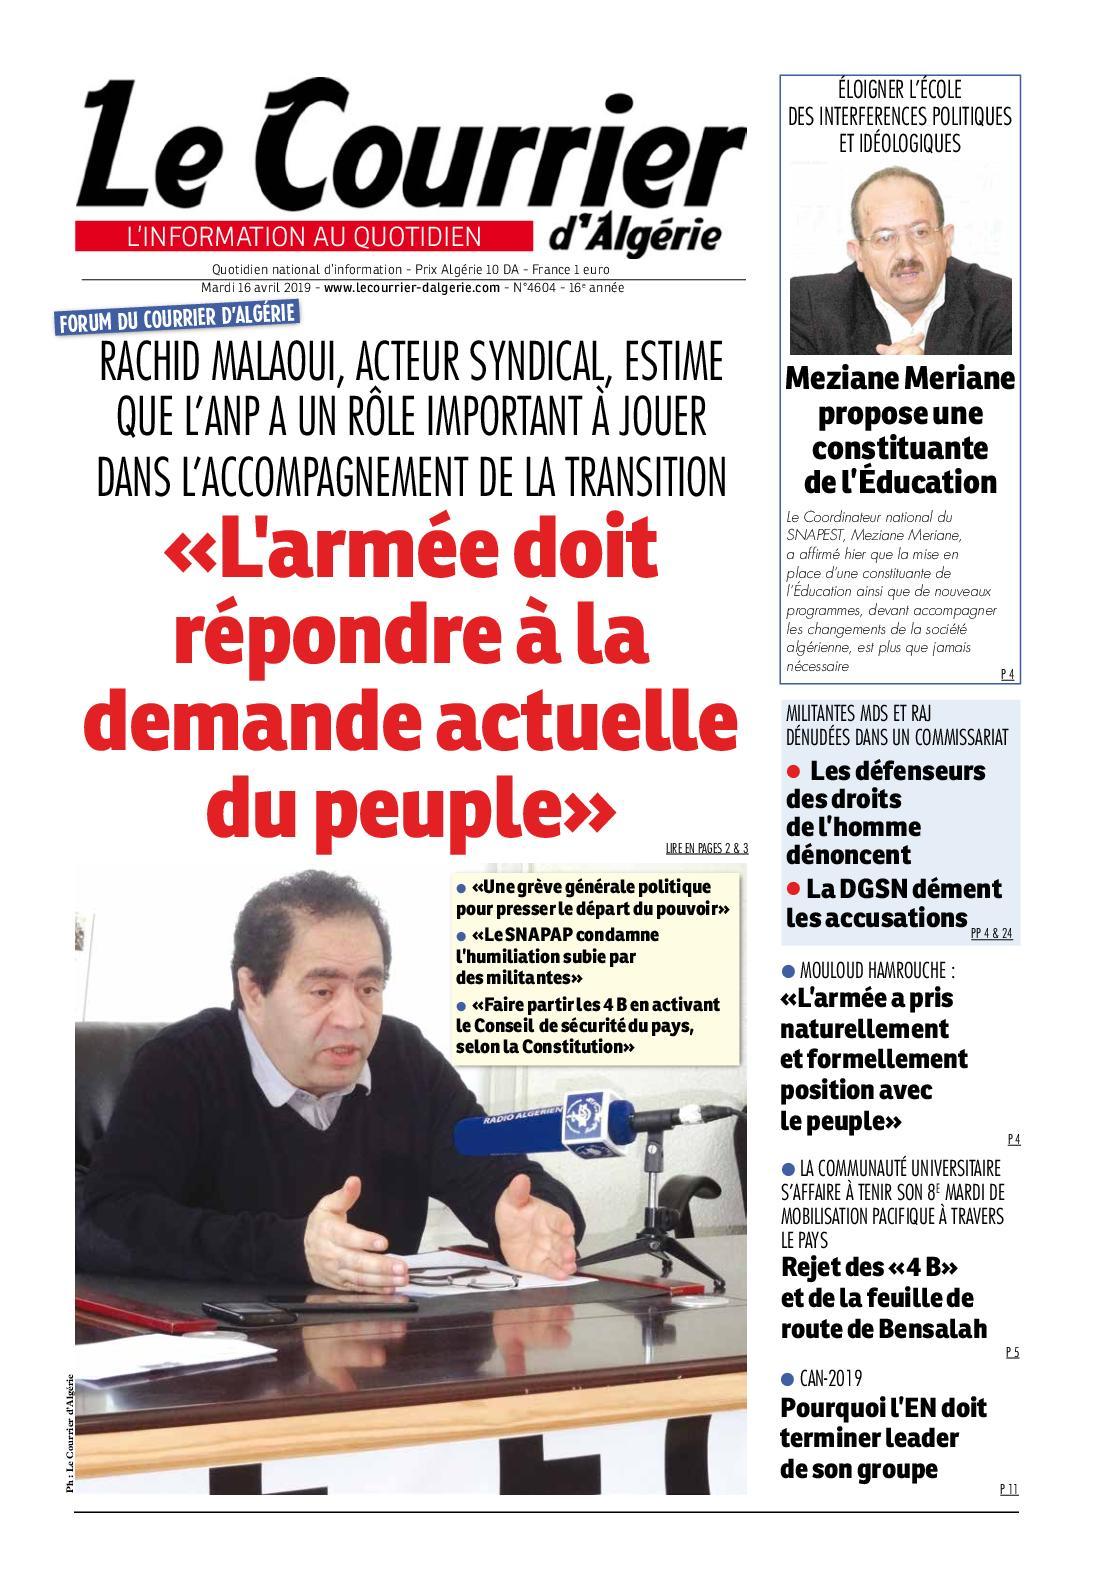 Le Courrier D'algérie Du Mardi 16 Avril 2019